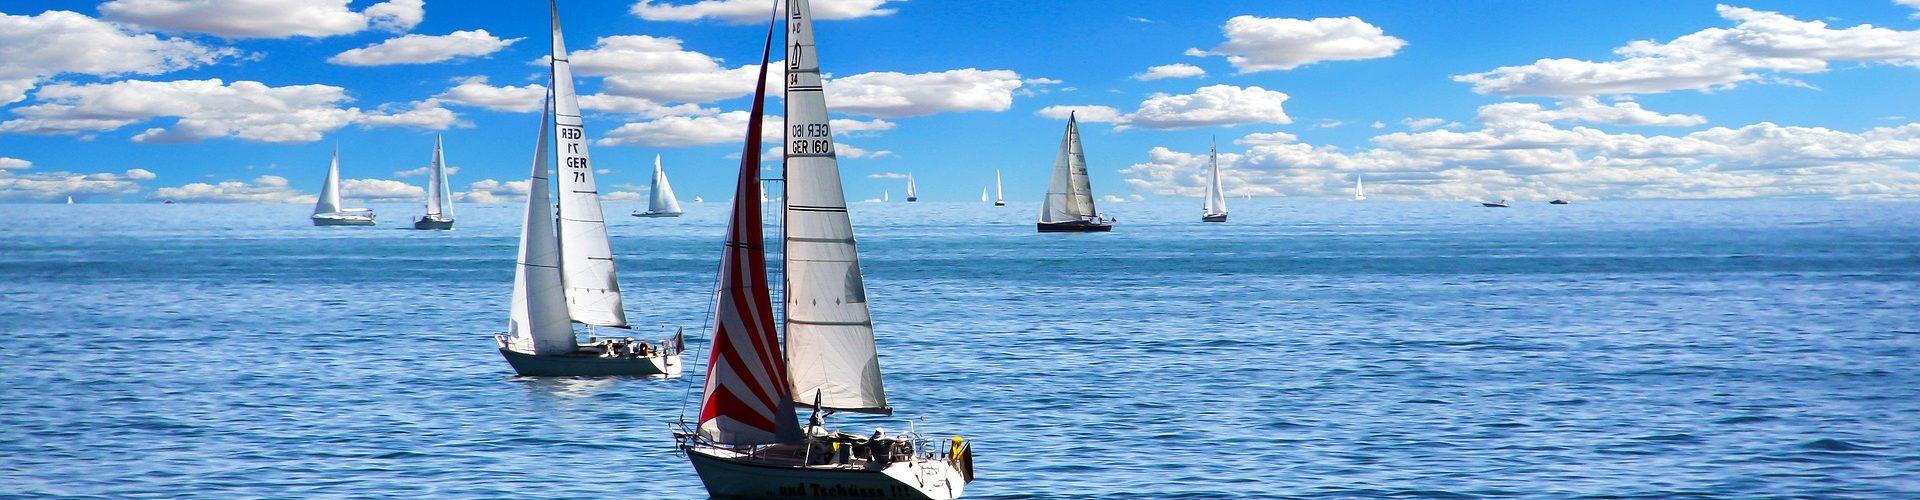 segeln lernen in Wissen segelschein machen in Wissen 1920x500 - Segeln lernen in Wissen